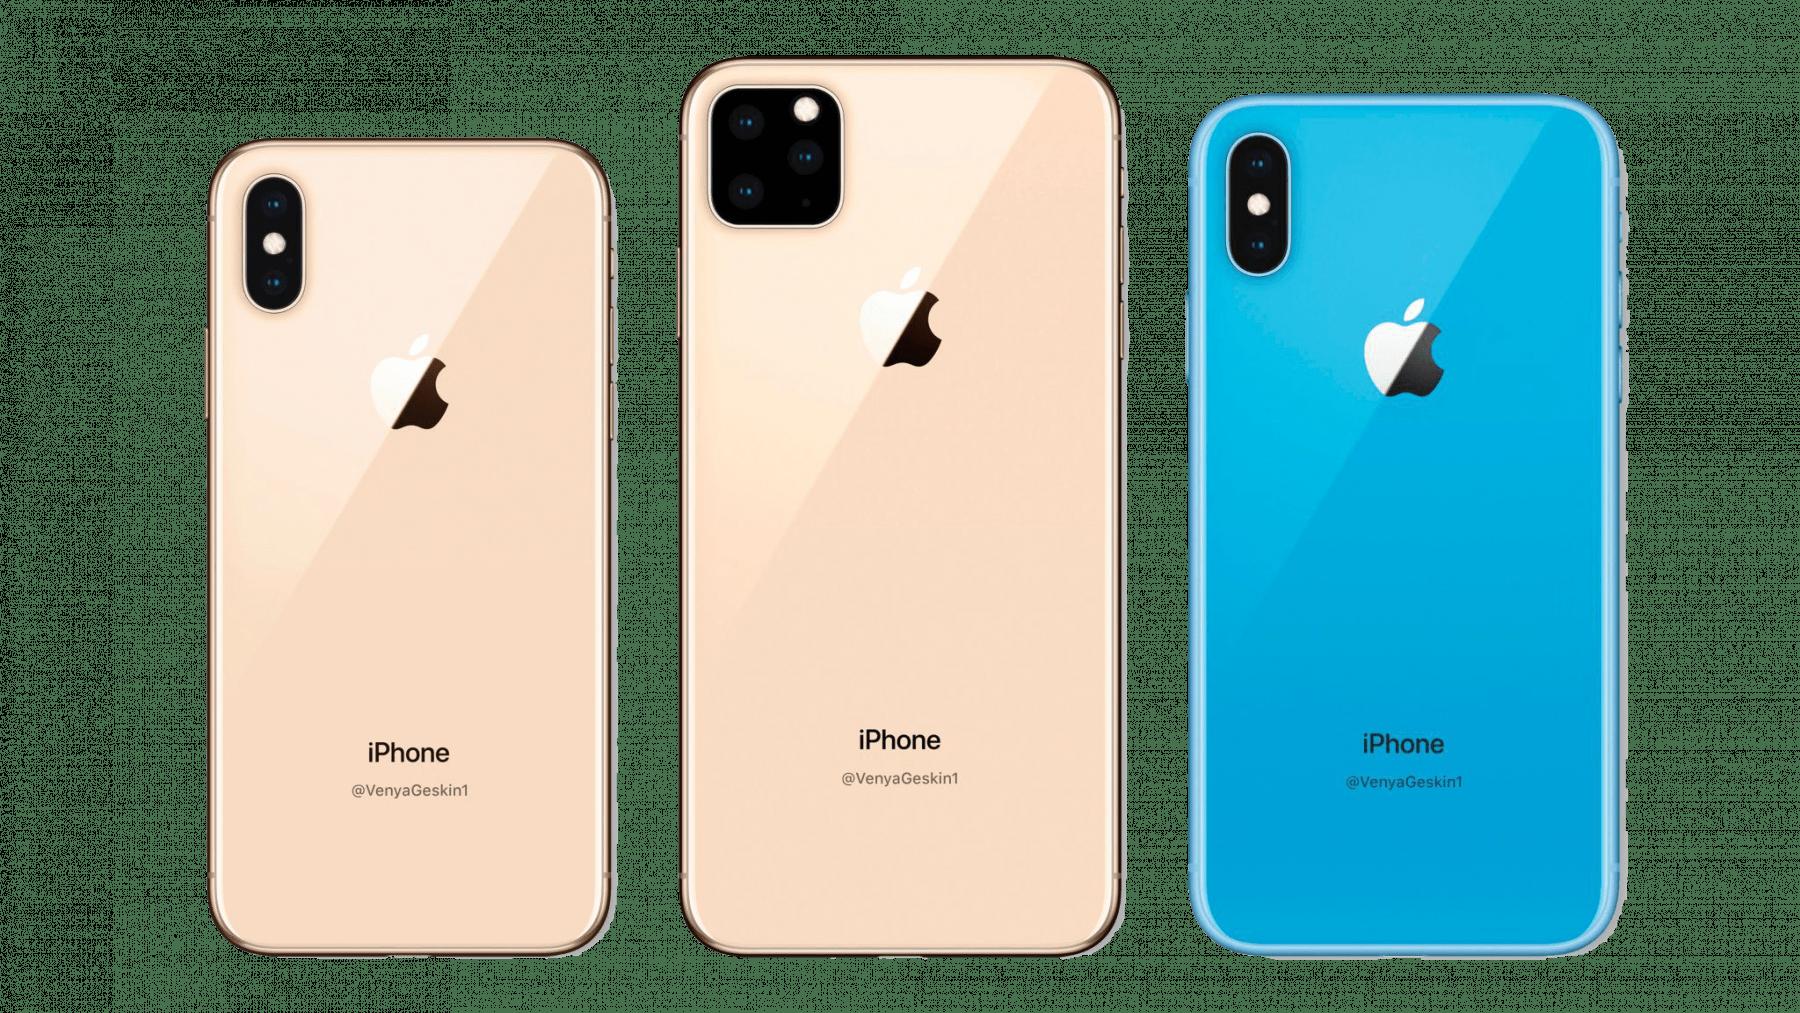 Quelles sont les nouveautés Apple les plus attendues à la Réunion en 2019 ?